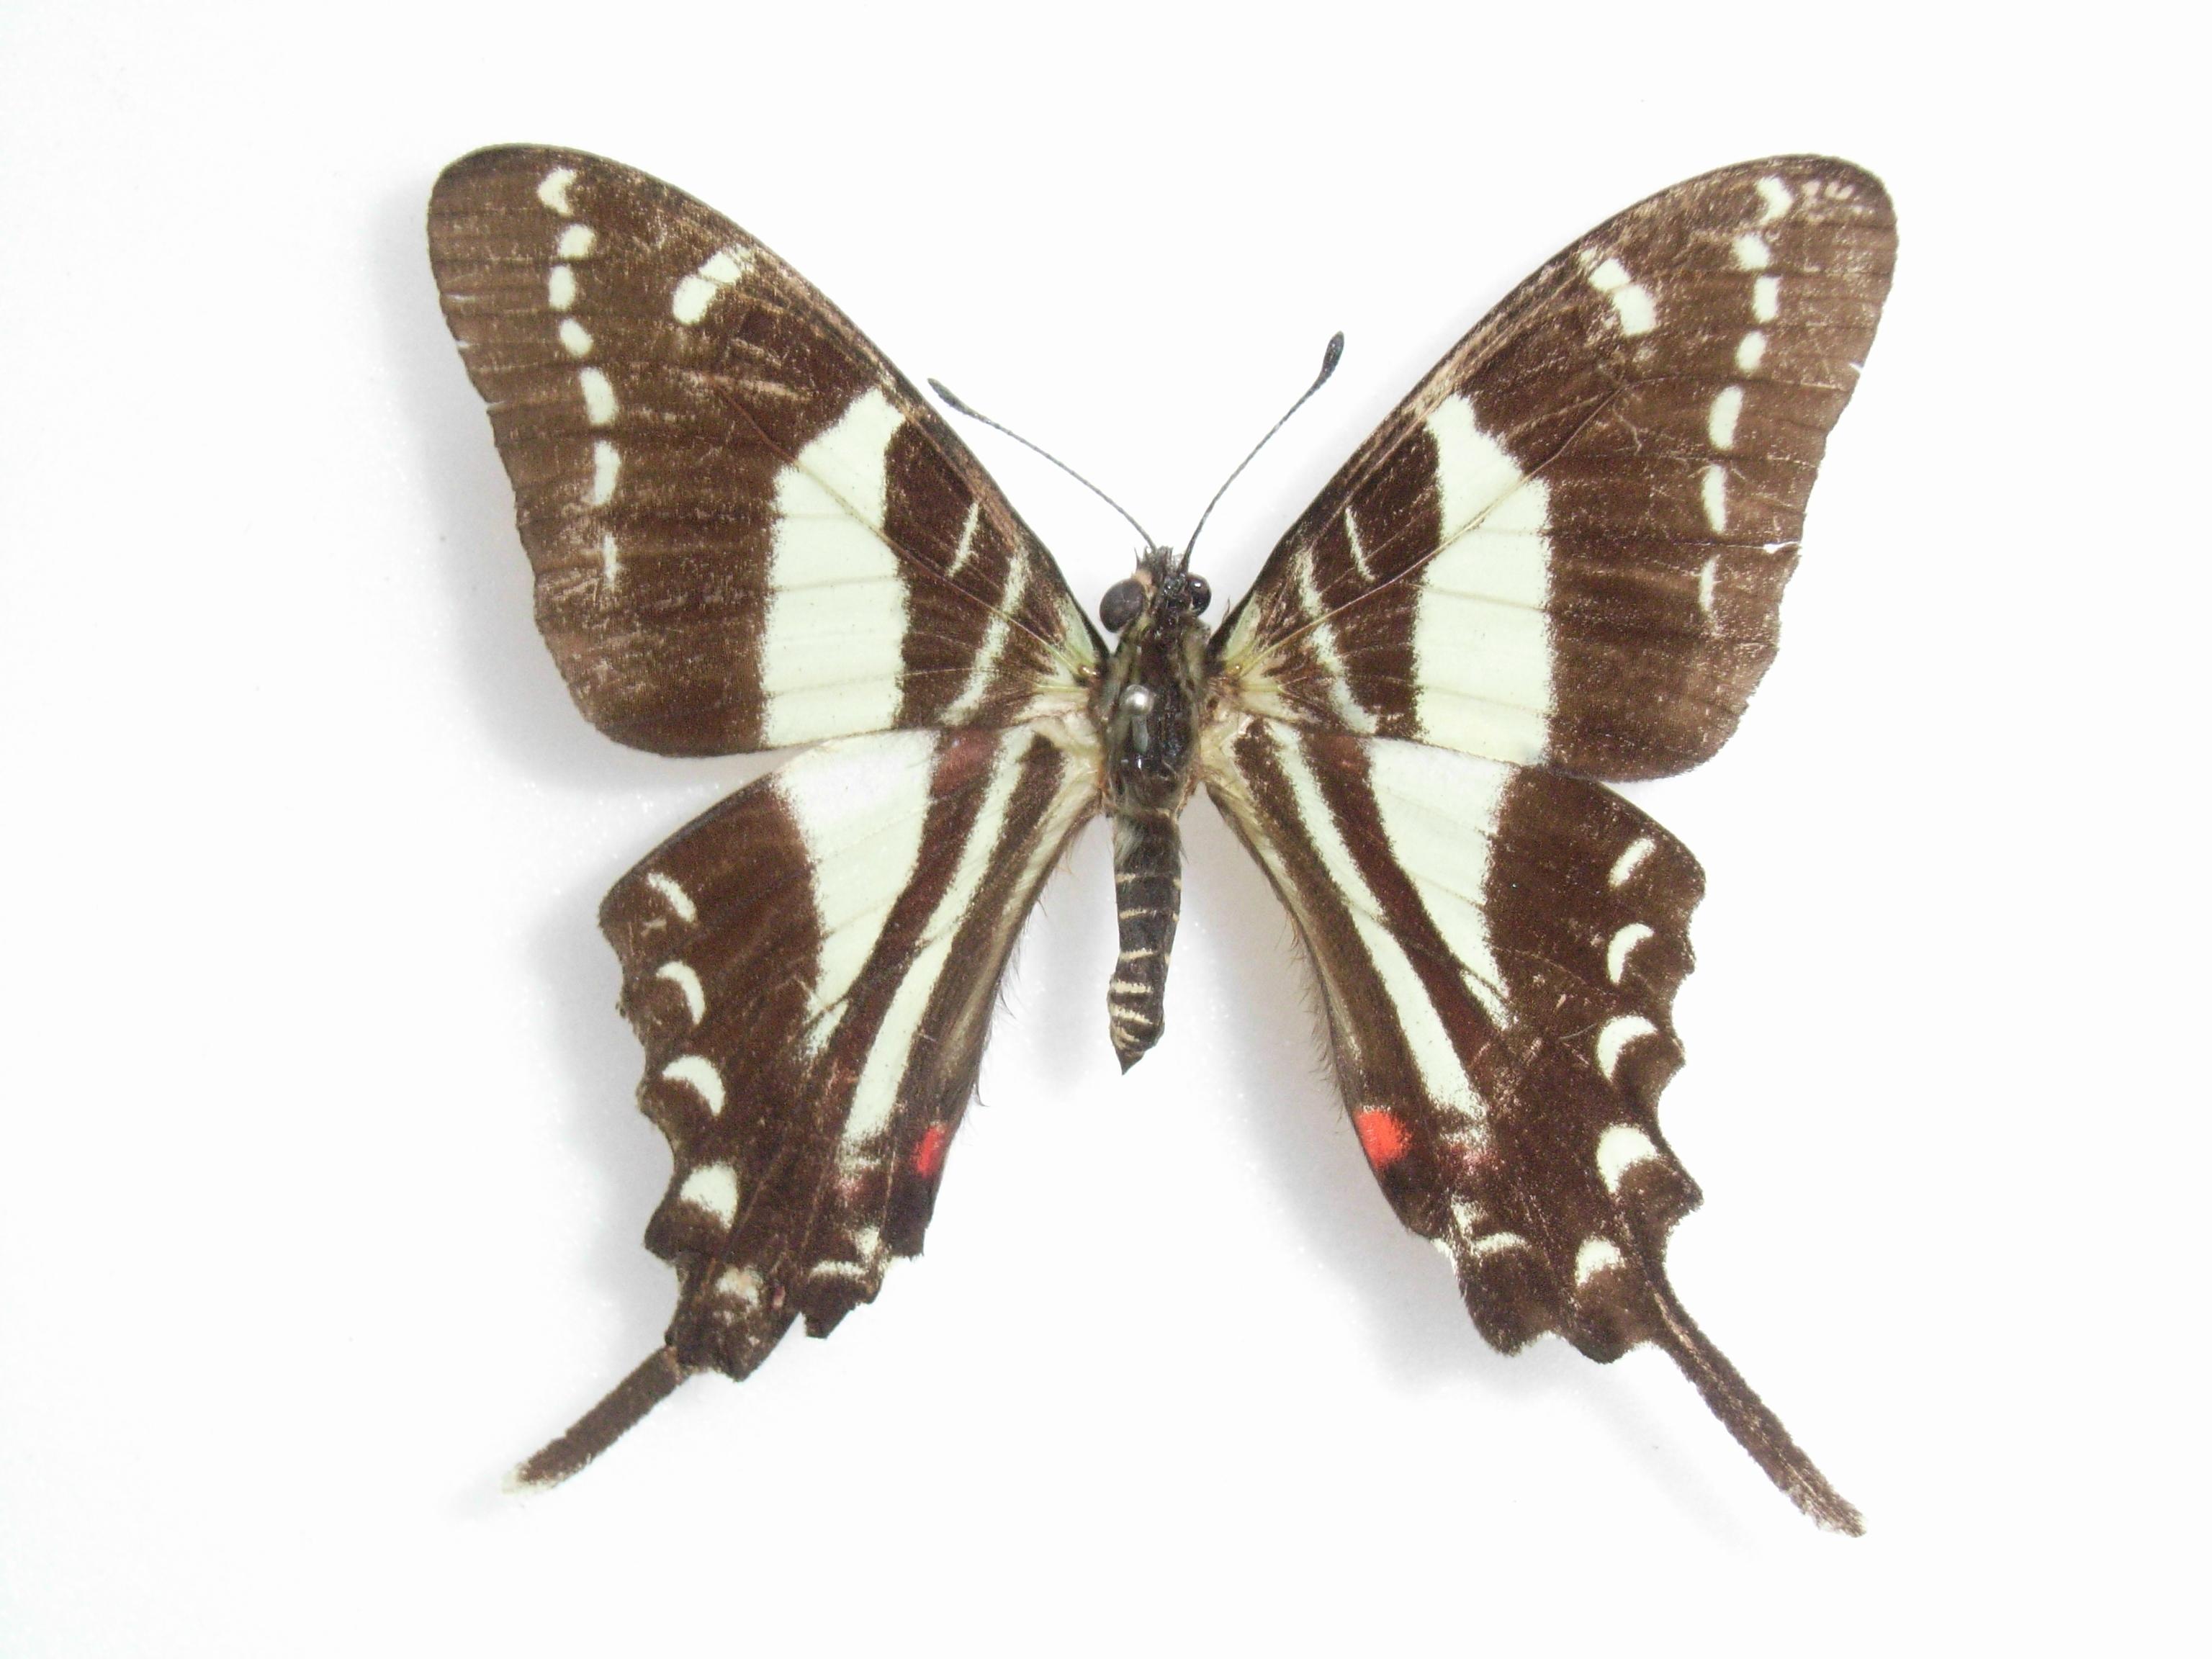 Image of Jamaican Kite